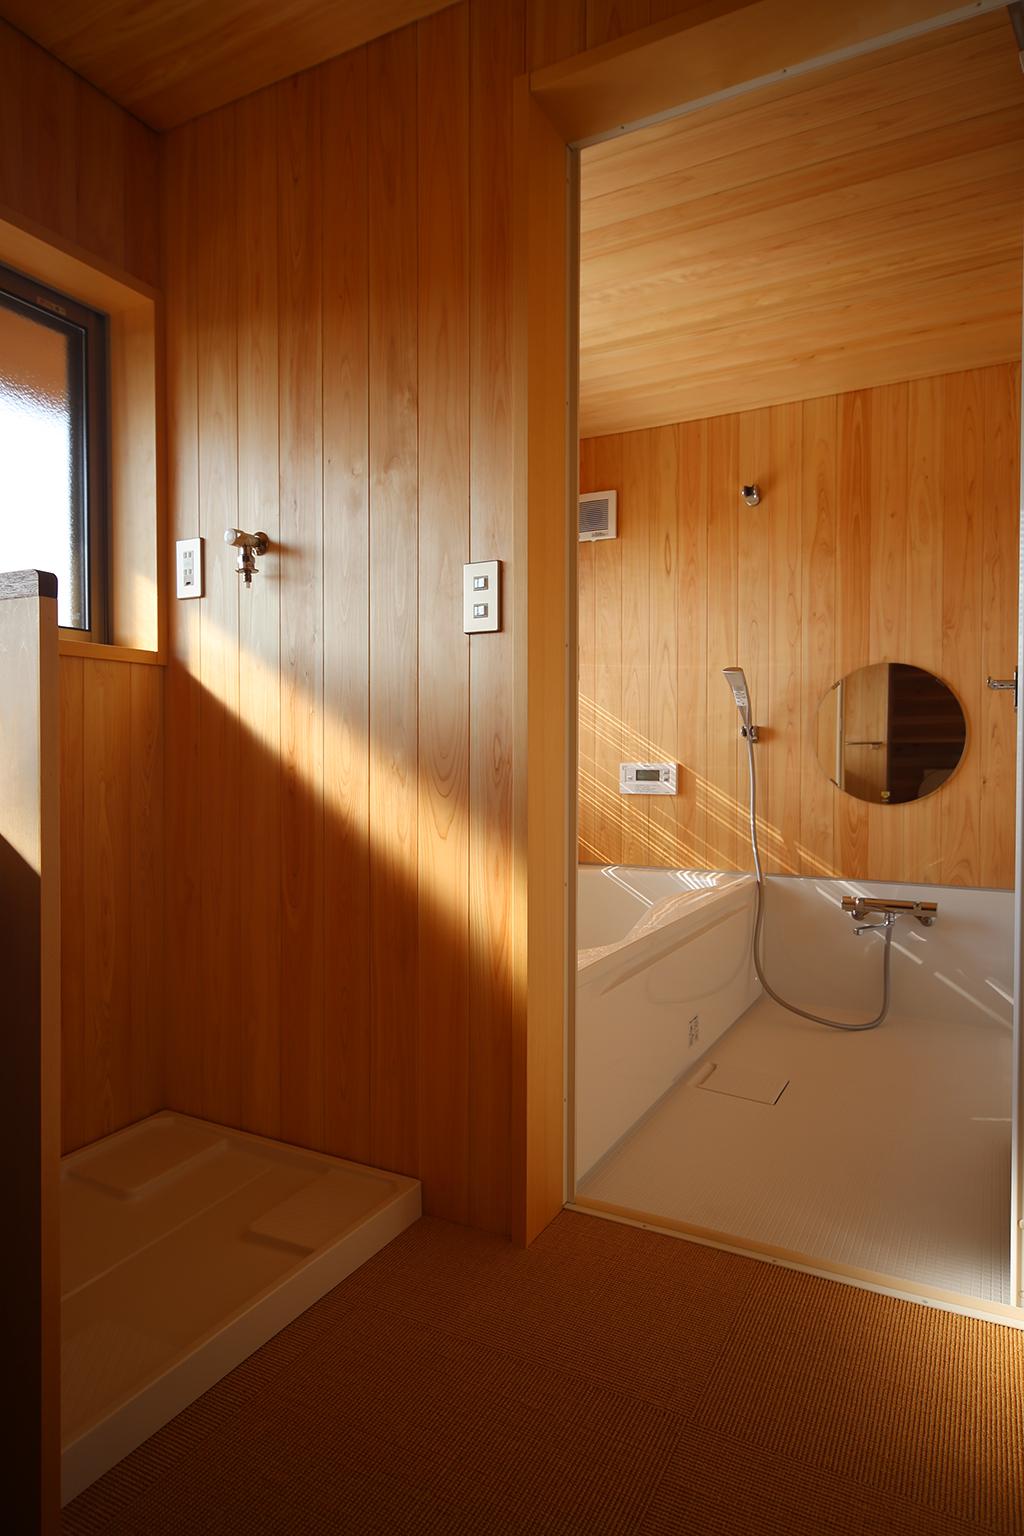 高砂市の木の家 桧貼りの洗面脱衣室と浴室